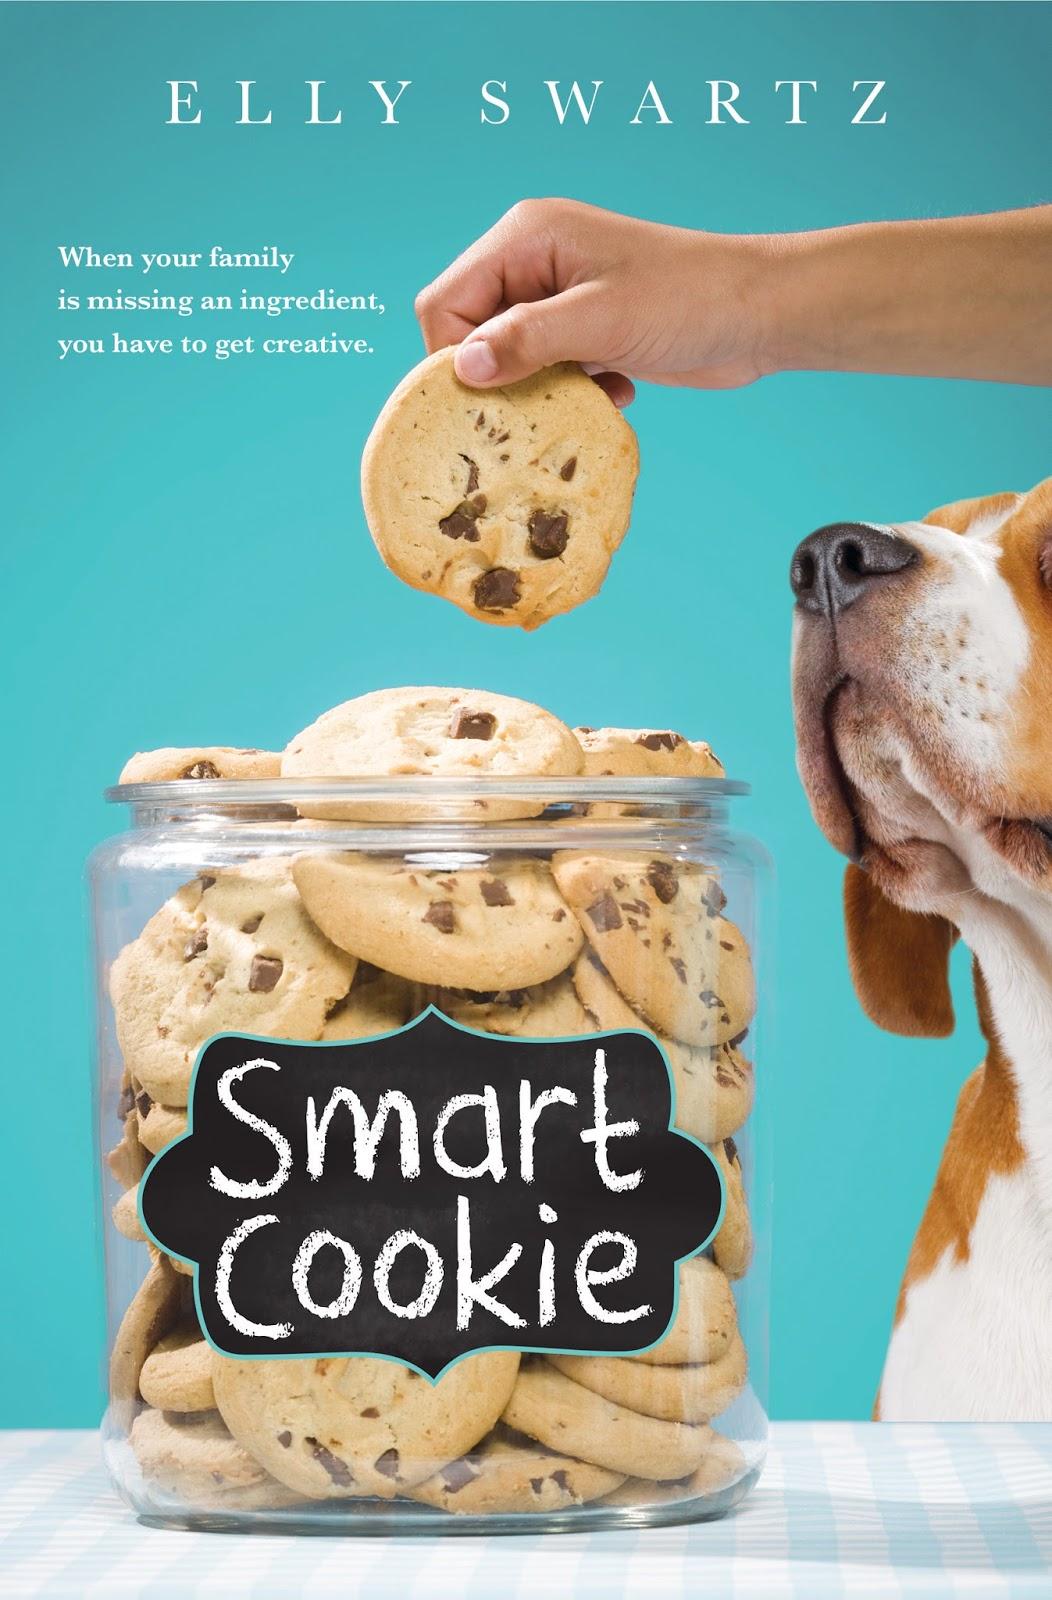 smart_cookie_Elly Swartz